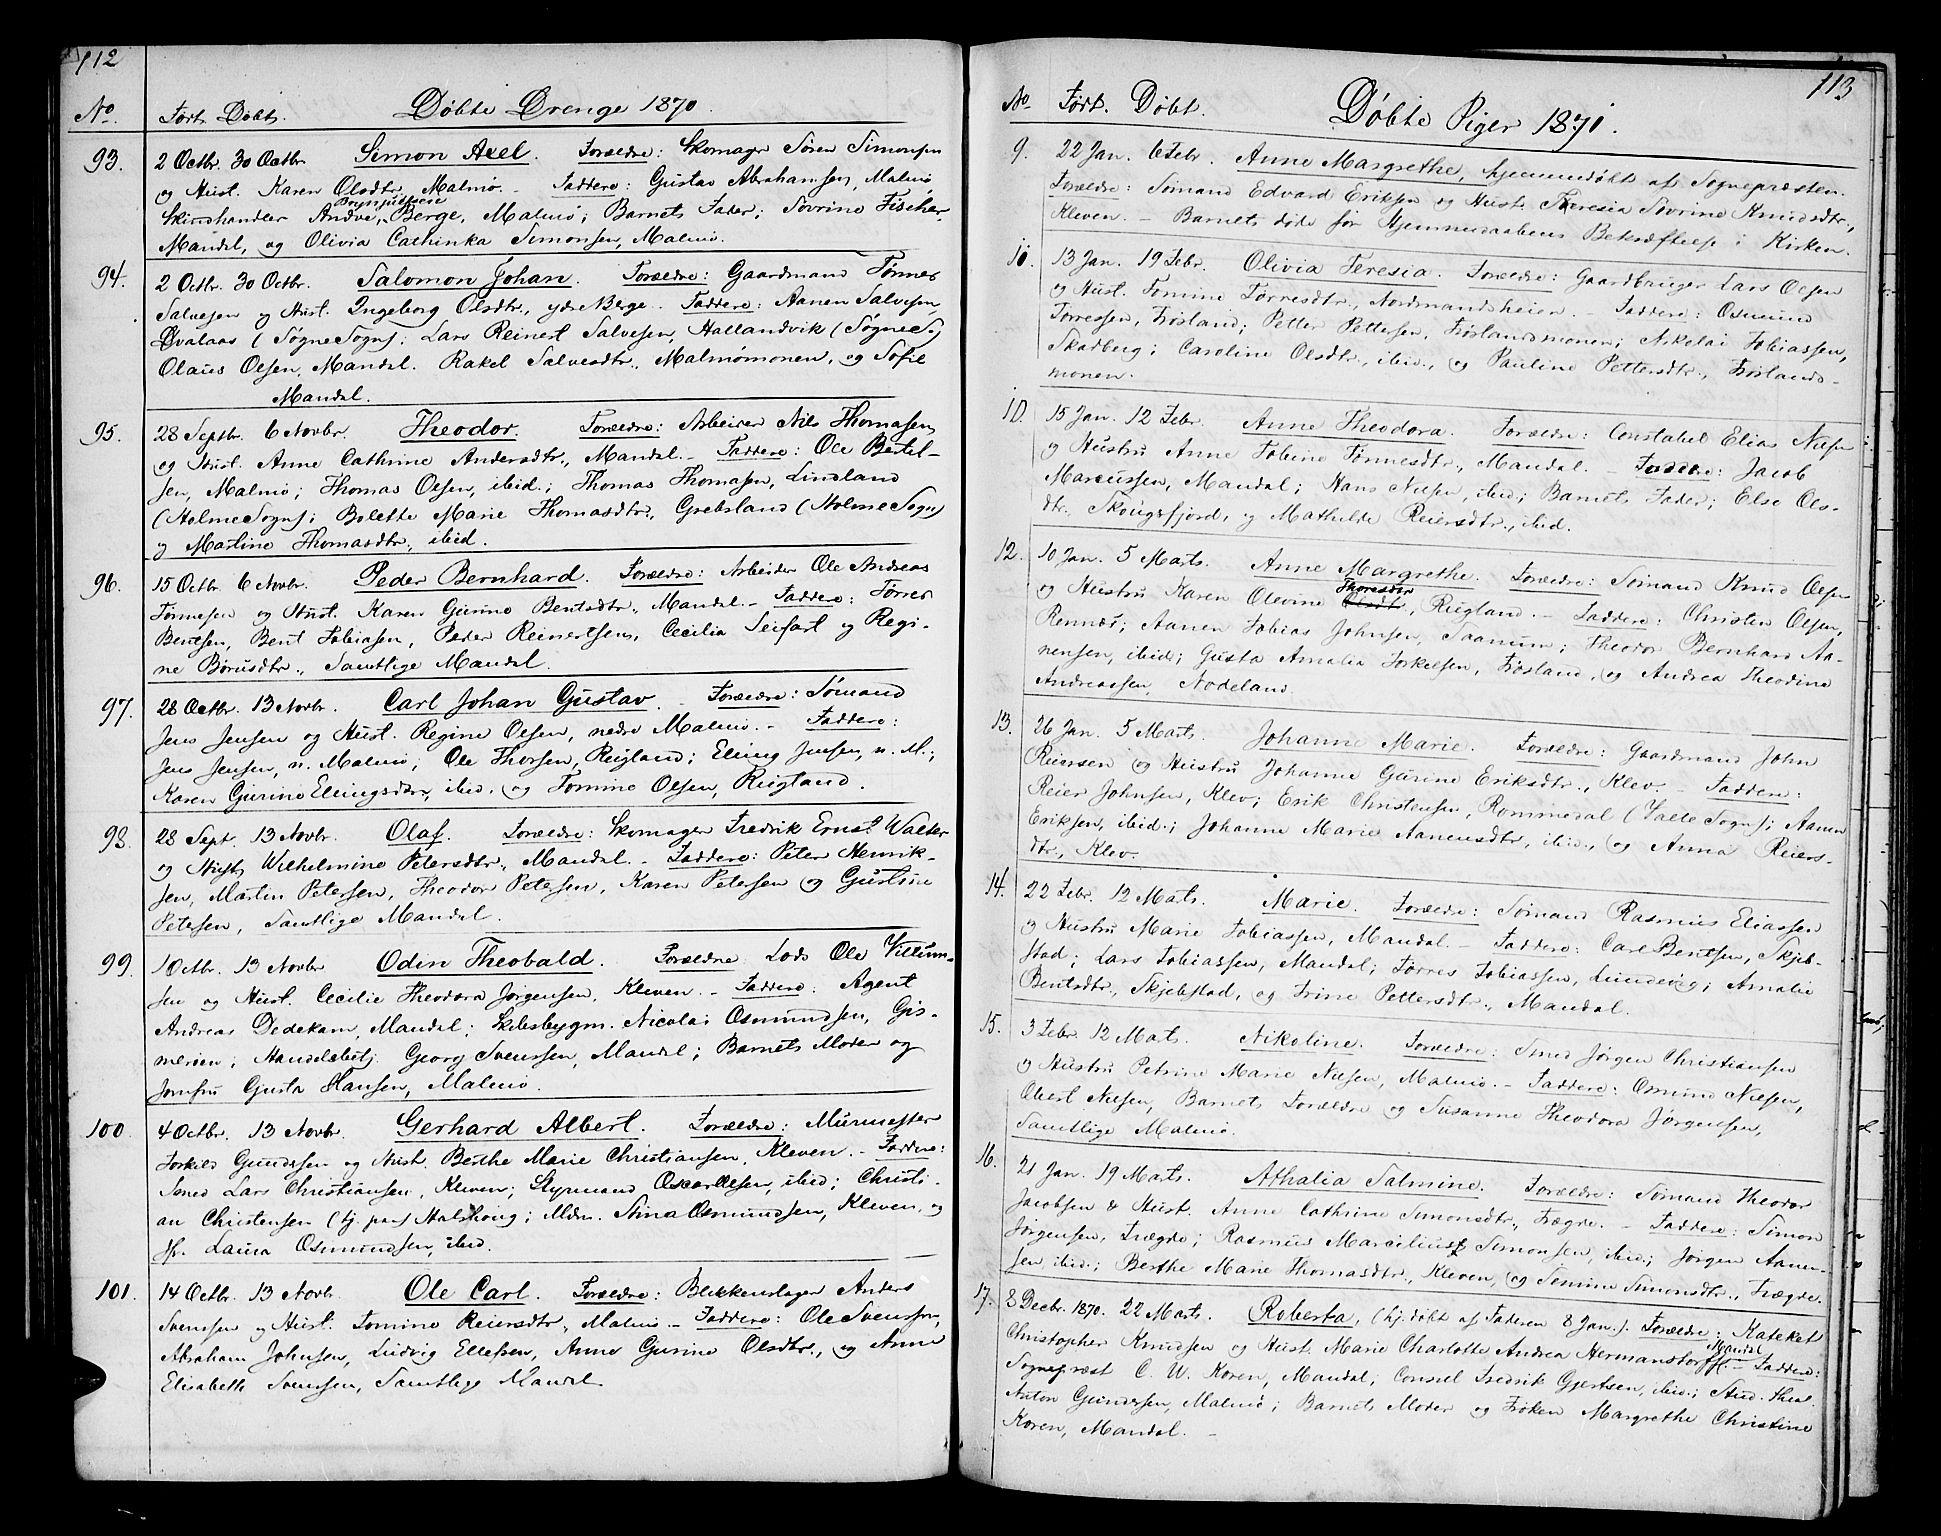 SAK, Mandal sokneprestkontor, F/Fb/Fba/L0009: Klokkerbok nr. B 3, 1867-1877, s. 112-113